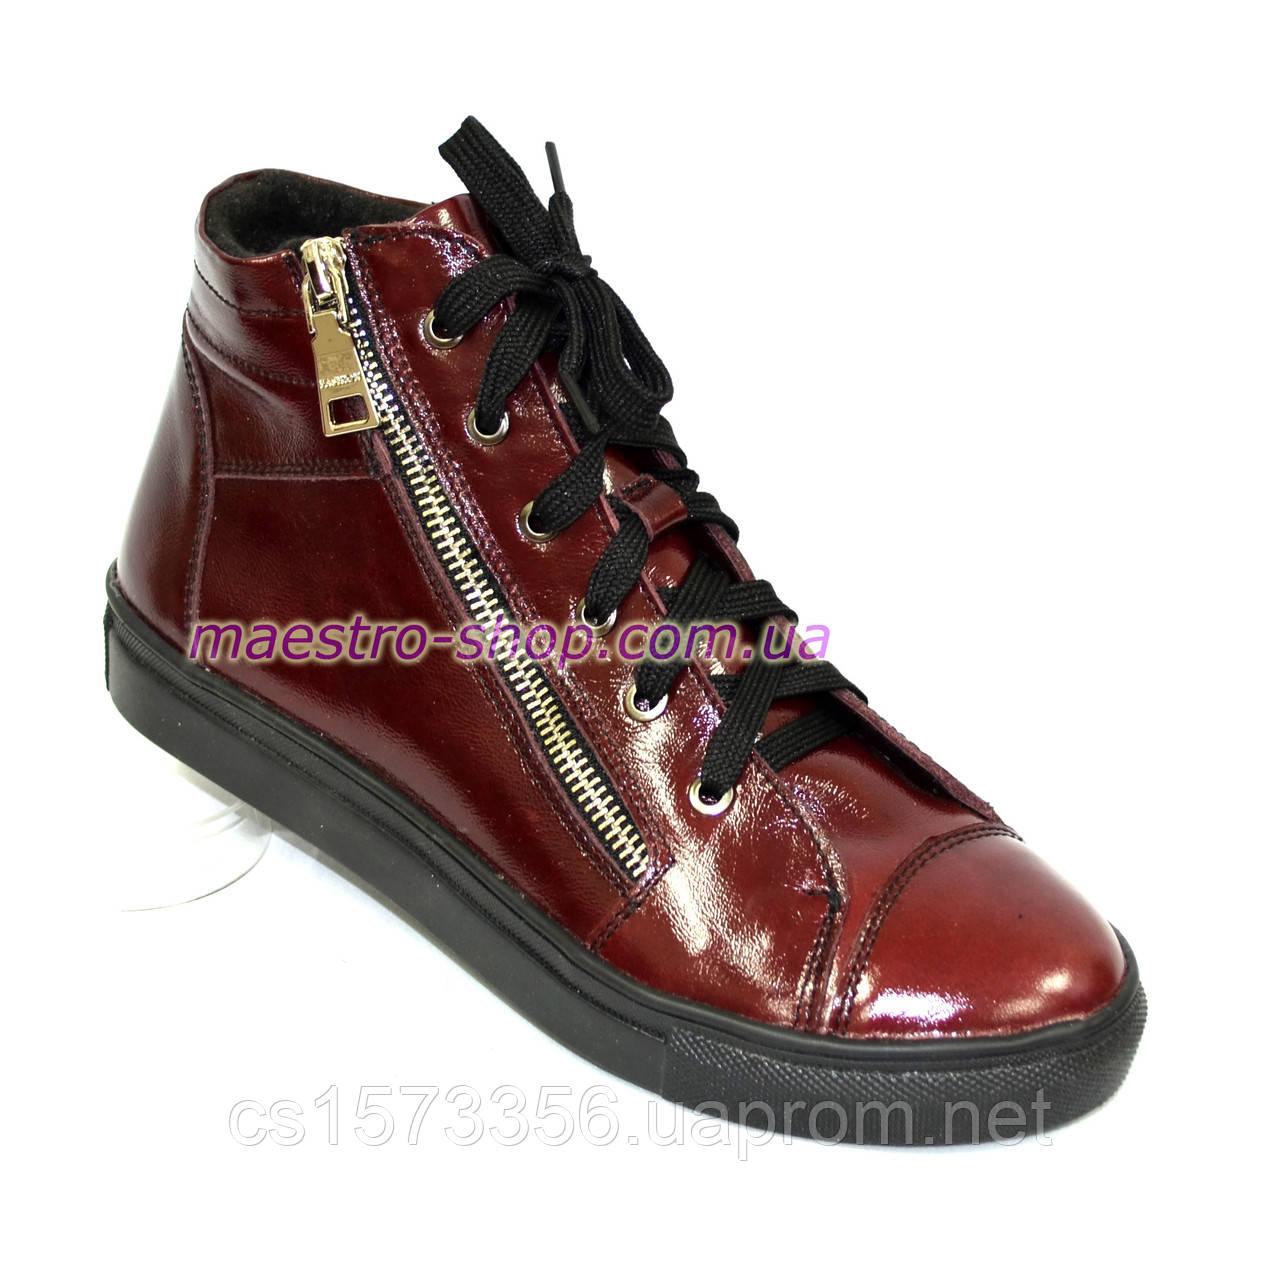 Женские демисезонные ботинки, из натуральной лаковой кожи бордового цвета, на плоской подошве